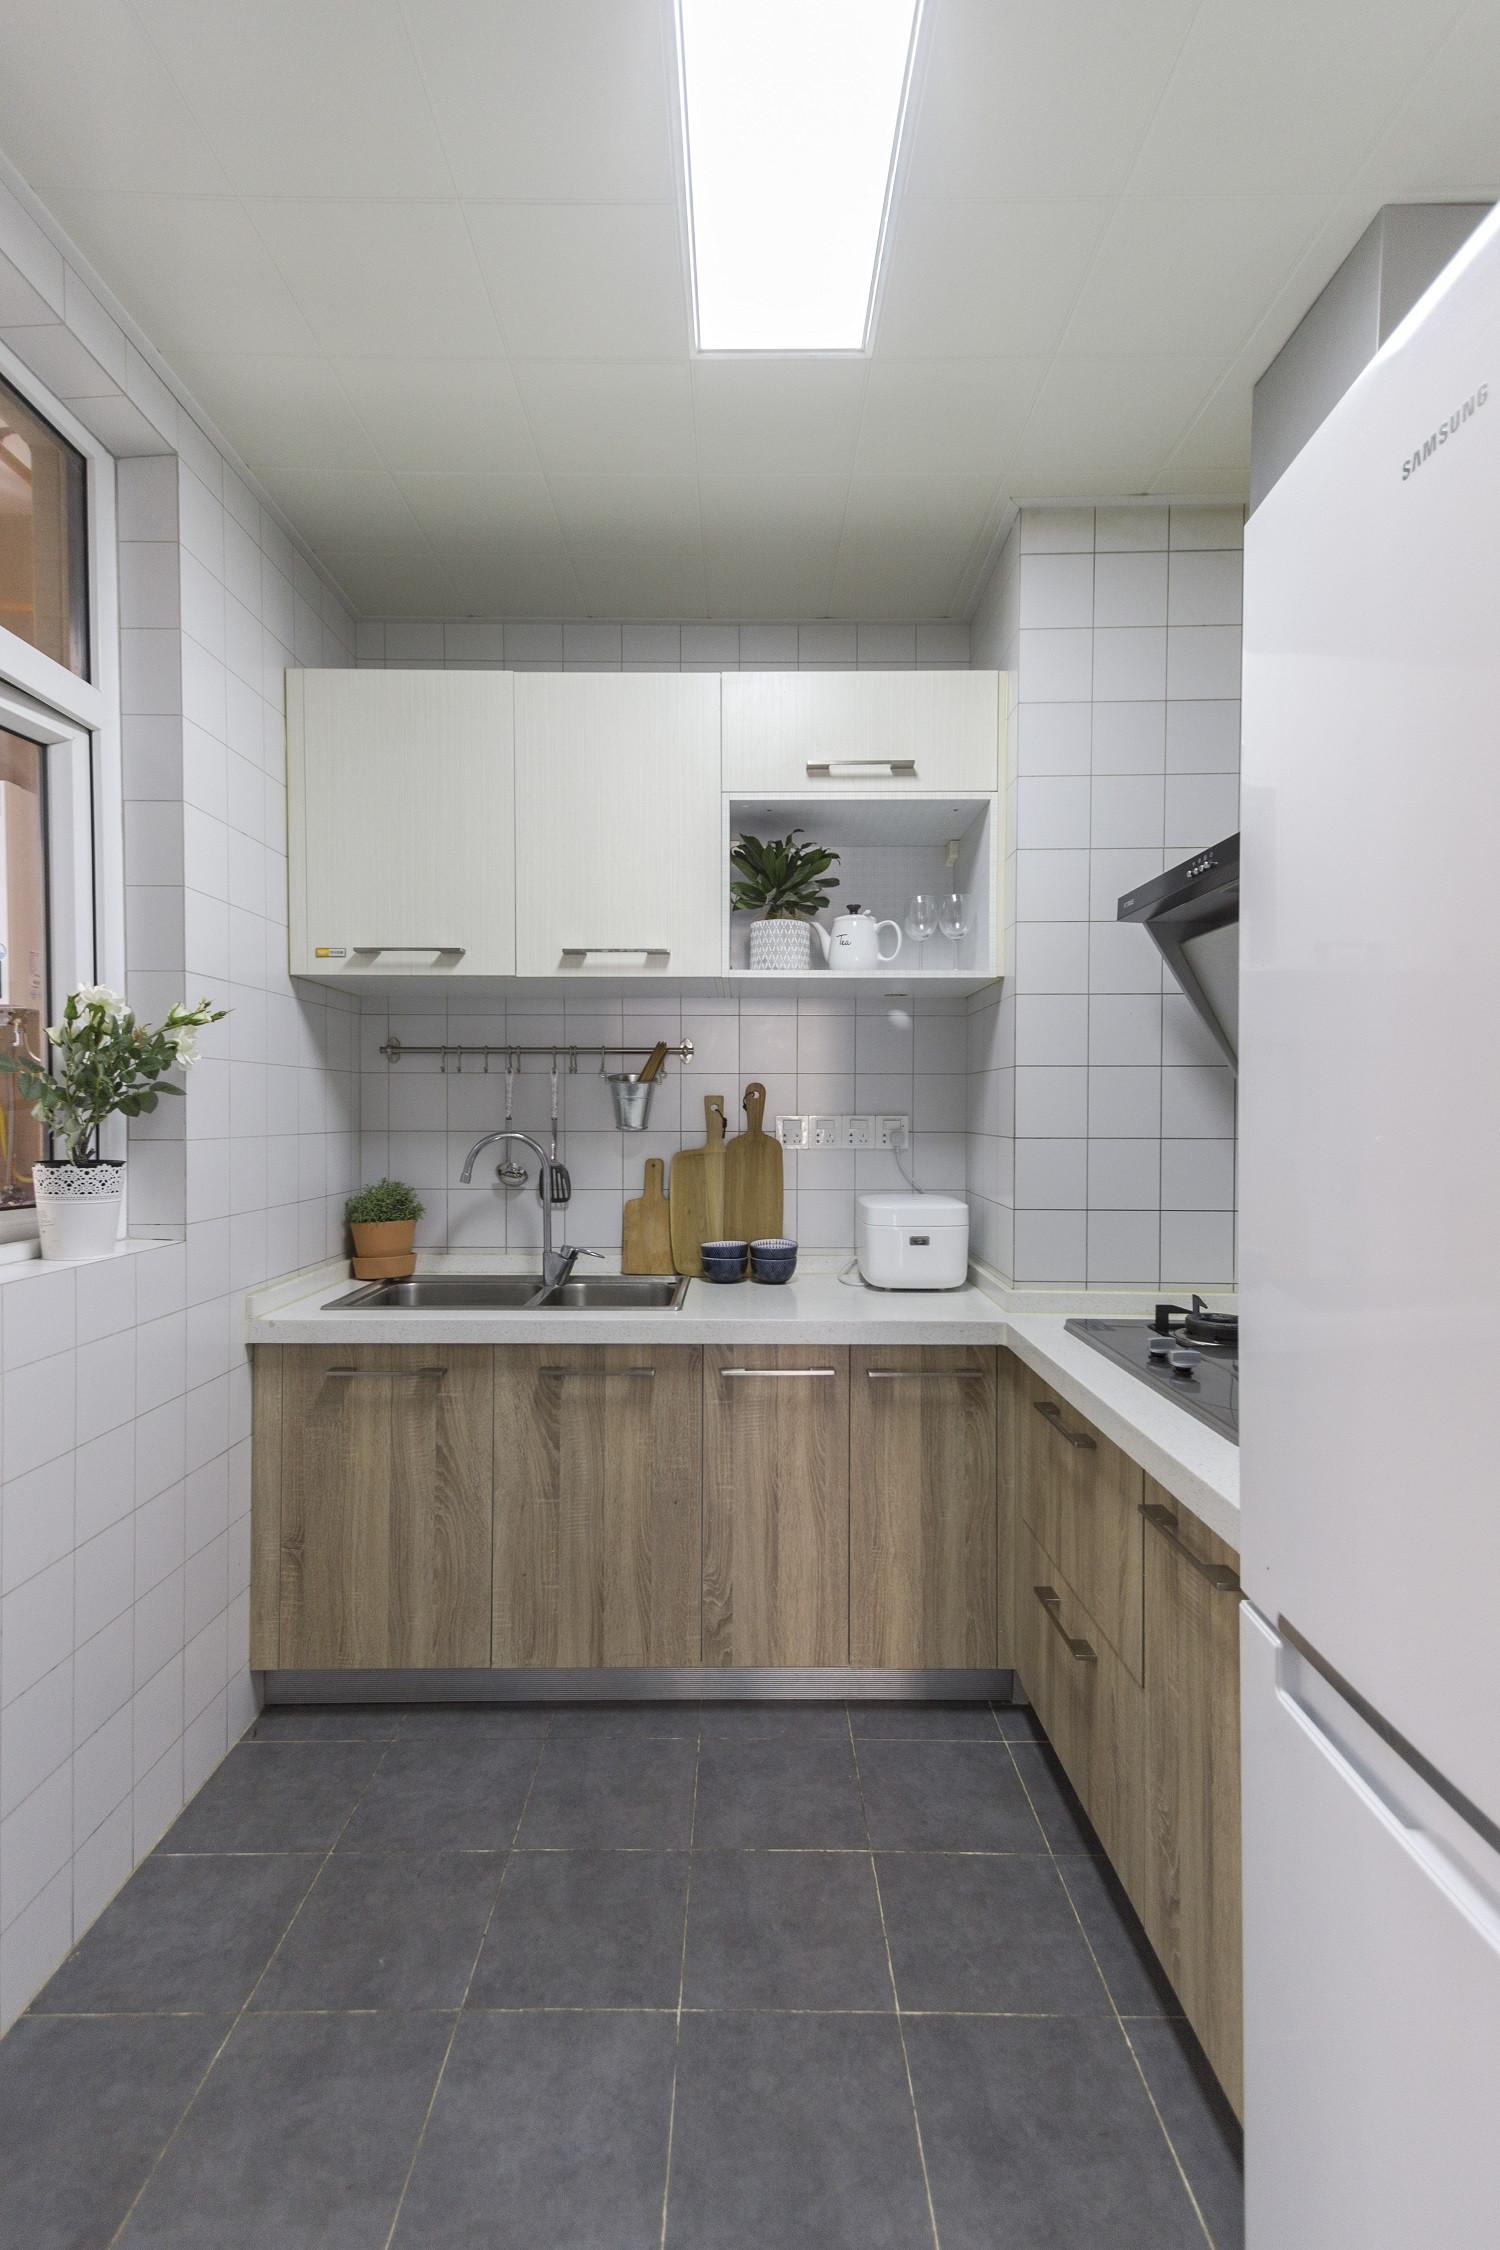 93㎡北欧风格厨房装修效果图